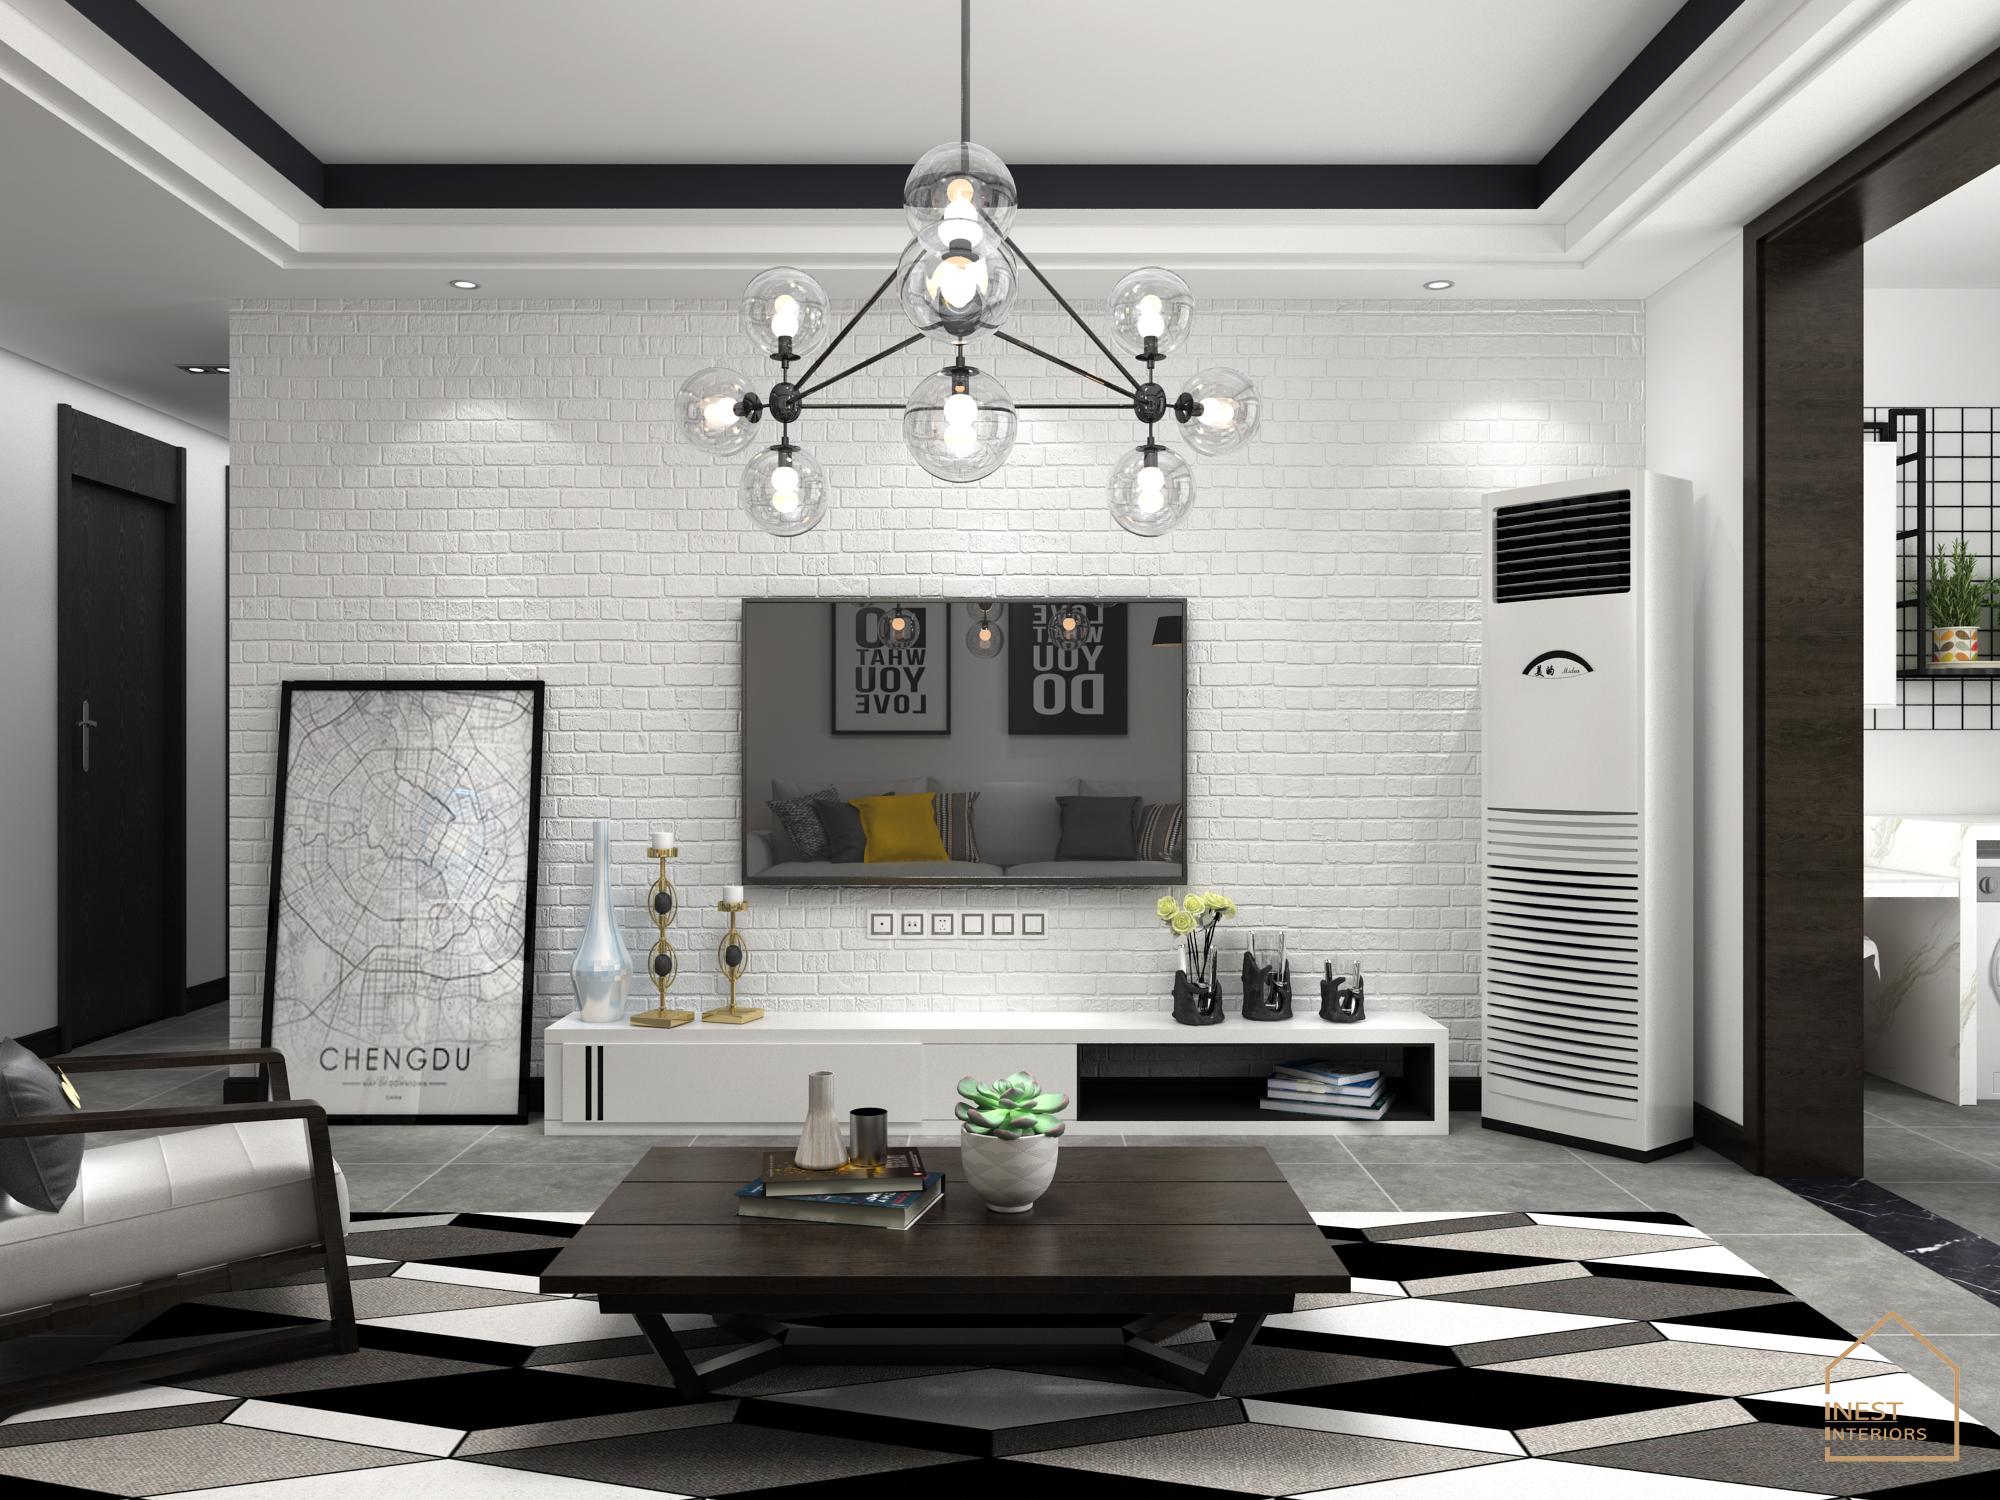 Thiết kế tối giản cho nội thất phòng ngủ